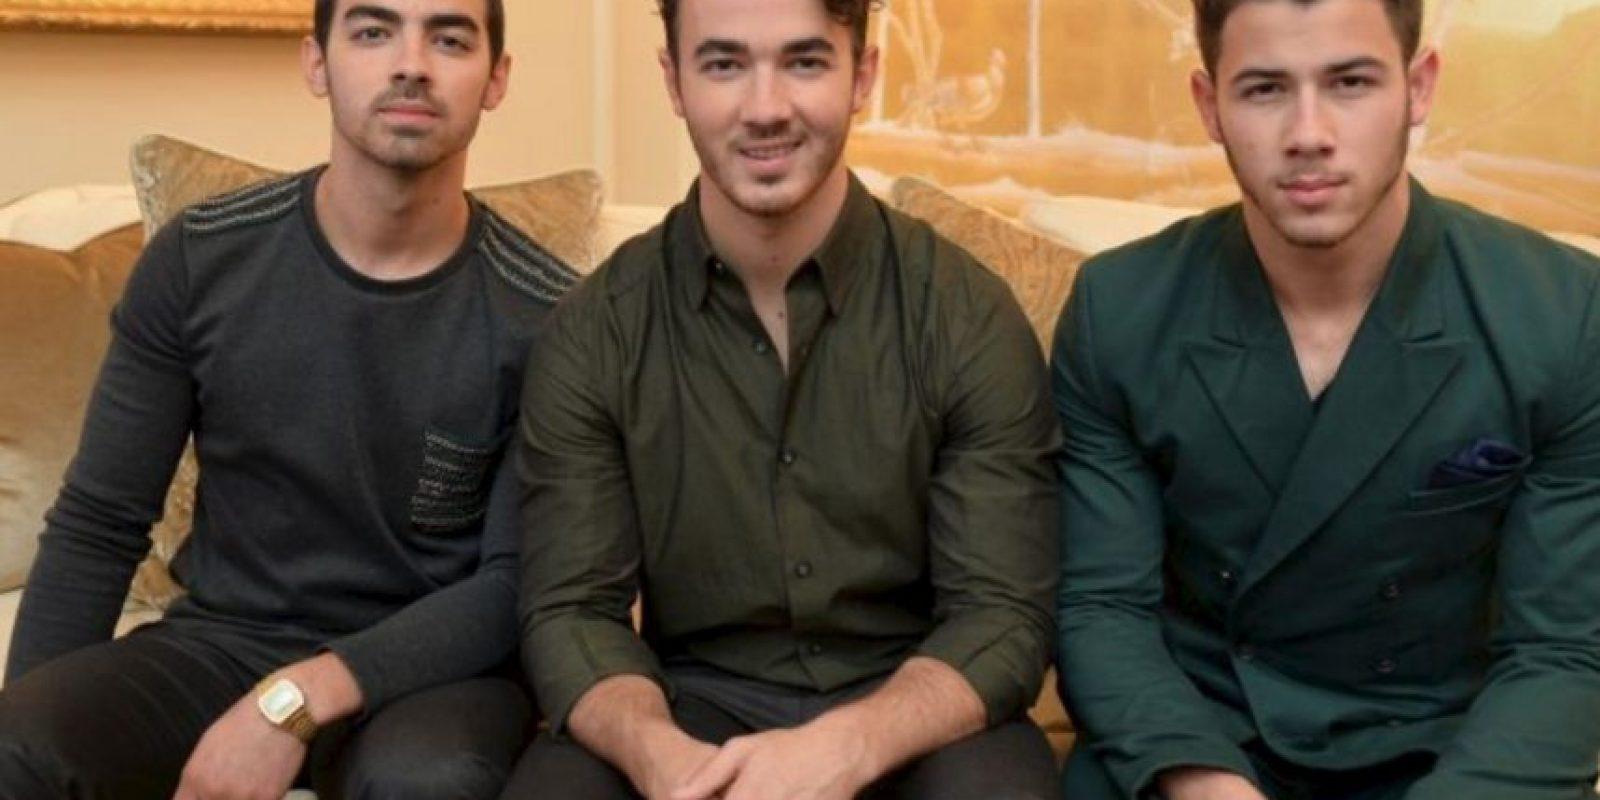 Los Jonas Brothers confesaron ser muy religiosos, de hecho portaron un anillo de castidad con la intención de llegar vírgenes al matrimonio Foto:Getty Images